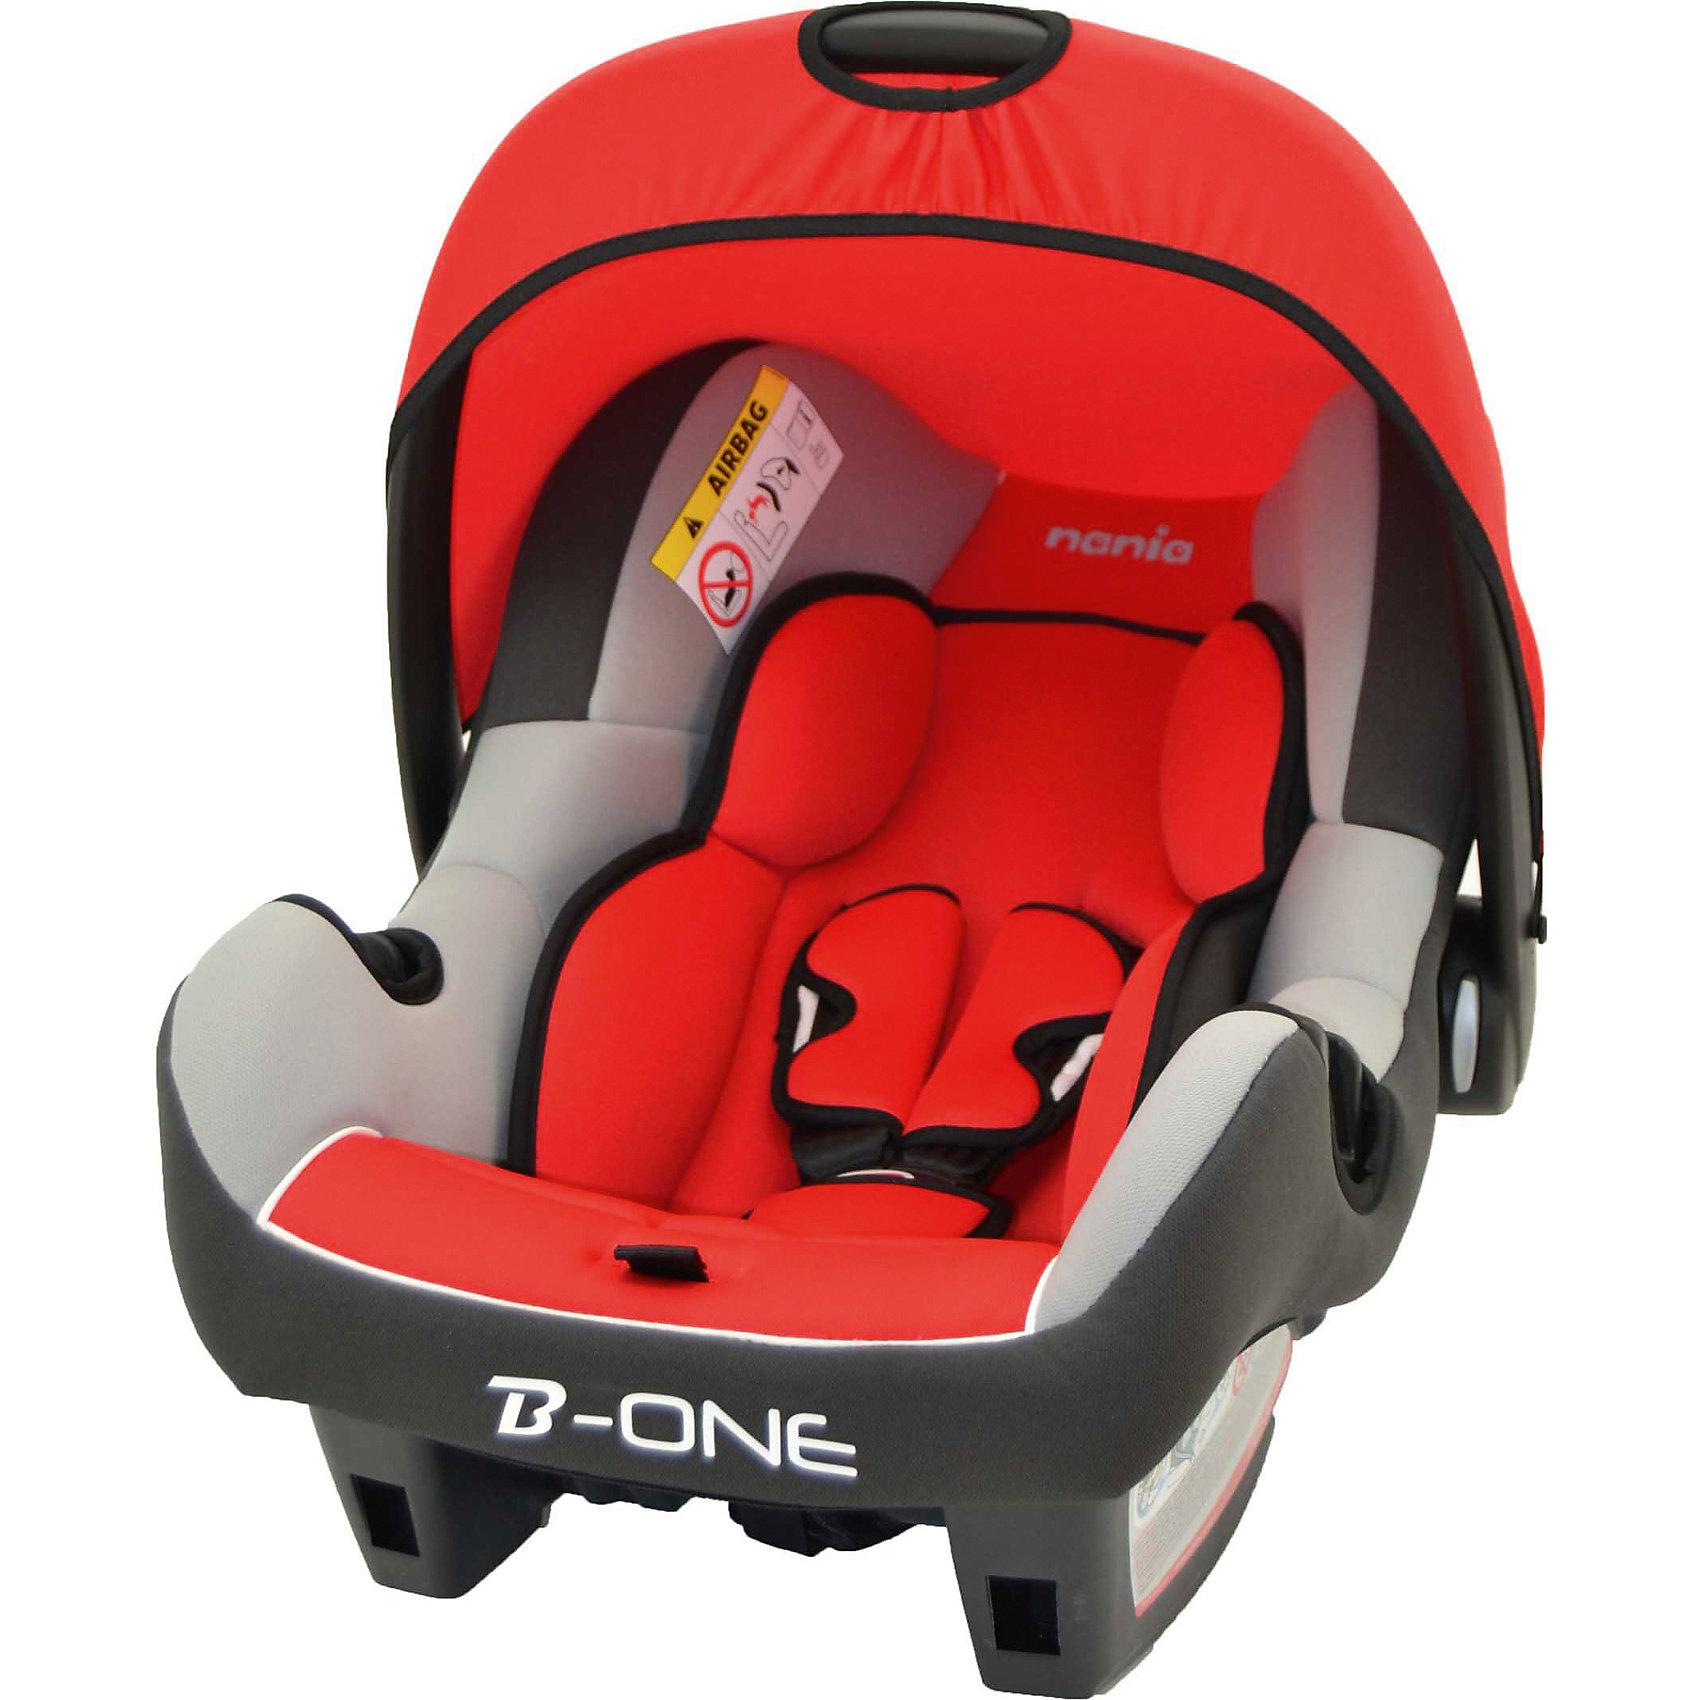 Автокресло Beone SP LUX, 0-13 кг., Nania, agora carminХарактеристики автолюльки Nania Beone SP LUX:<br><br>• группа 0+;<br>• вес ребенка: до 13 кг;<br>• возраст ребенка: от рождения до 12 месяцев;<br>• способ установки: против хода движения автомобиля;<br>• способ крепления: штатными ремнями безопасности автомобиля;<br>• солнцезащитный тент, положение регулируется, тент можно снять совсем;<br>• анатомический вкладыш для новорожденного;<br>• 3-х точечные ремни безопасности с мягкими накладками;<br>• ручка для переноски автолюльки;<br>• возможность использовать автолюльку как кресло-качалку, при необходимости можно зафиксировать люльку, переместив ручку назад до упора;<br>• эргономичная чаша автокресла;<br>• дополнительная защита от боковых ударов, система SP (side protection);<br>• съемные чехлы, стирка при температуре 30 градусов;<br>• материал: пластик, полиэстер, полипропилен;<br>• стандарт безопасности: ЕСЕ R44/04.<br><br>Размер автокресла: 70х47х40 см<br>Вес автокресла: 3,2 кг<br><br>Автолюлька для новорожденных устанавливается на заднем сиденье автомобиля лицом против хода движения автомобиля. Специальная жесткая ручка позволяет использовать автолюльку в качестве переноски, чтобы не потревожить спящего малыша. Глубокая чаша и капор обеспечивают комфортное положение ребенка в автокресле с защитой от солнечных лучей. <br><br>Автокресло Beone SP LUX, 0-13 кг., Nania, agora carmin можно купить в нашем интернет-магазине.<br><br>Ширина мм: 400<br>Глубина мм: 390<br>Высота мм: 720<br>Вес г: 7690<br>Возраст от месяцев: 0<br>Возраст до месяцев: 15<br>Пол: Унисекс<br>Возраст: Детский<br>SKU: 4074769